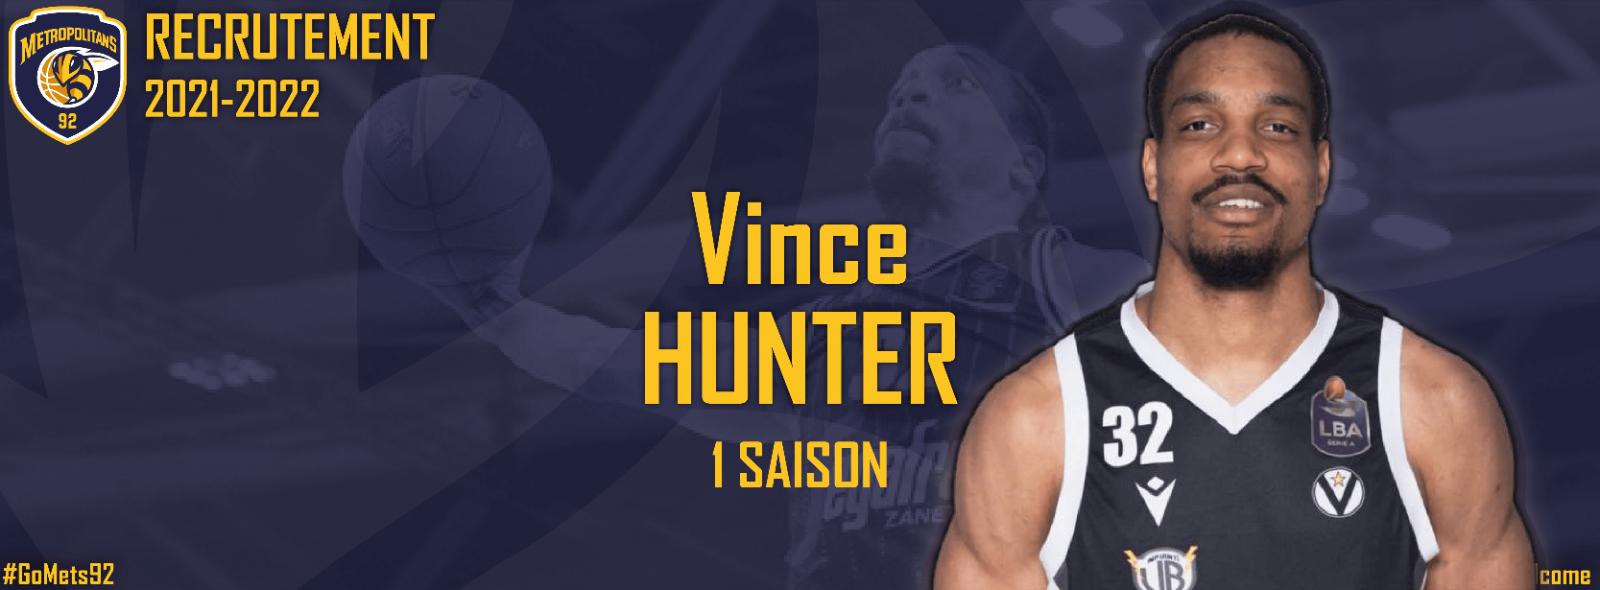 Recrutement - Vince Hunter renforce le secteur intérieur !